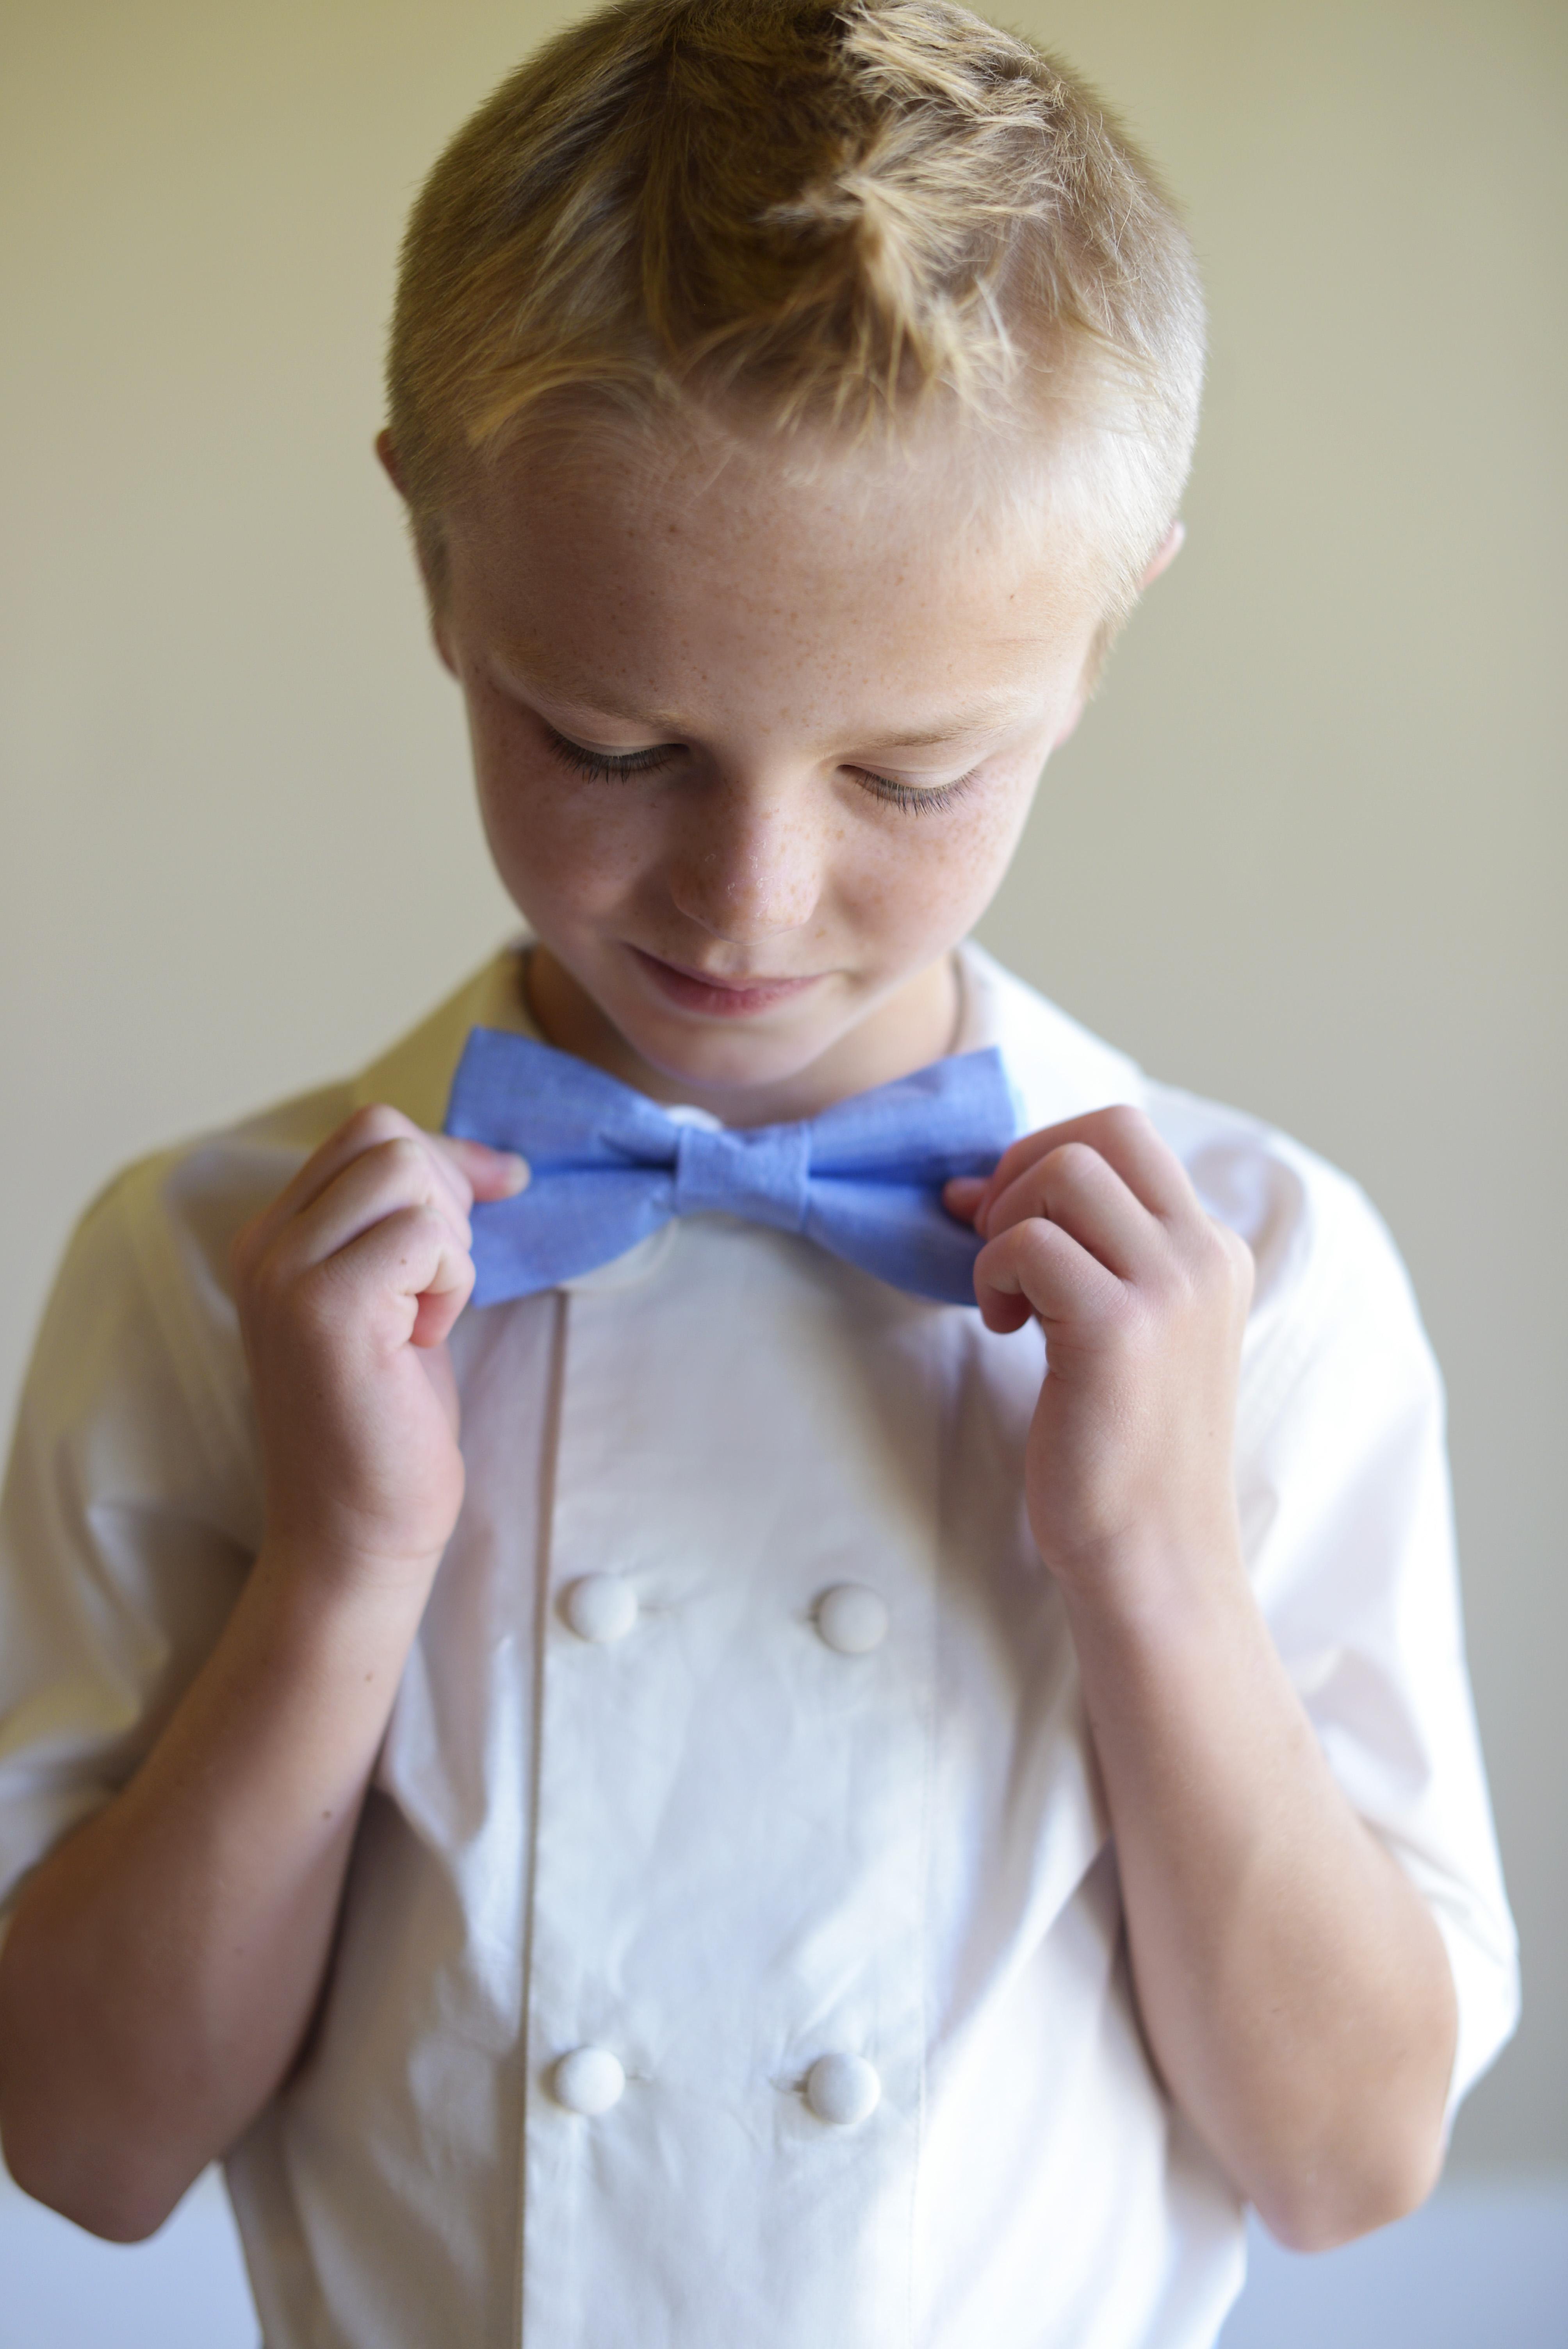 pageboy peter pan collar shirt